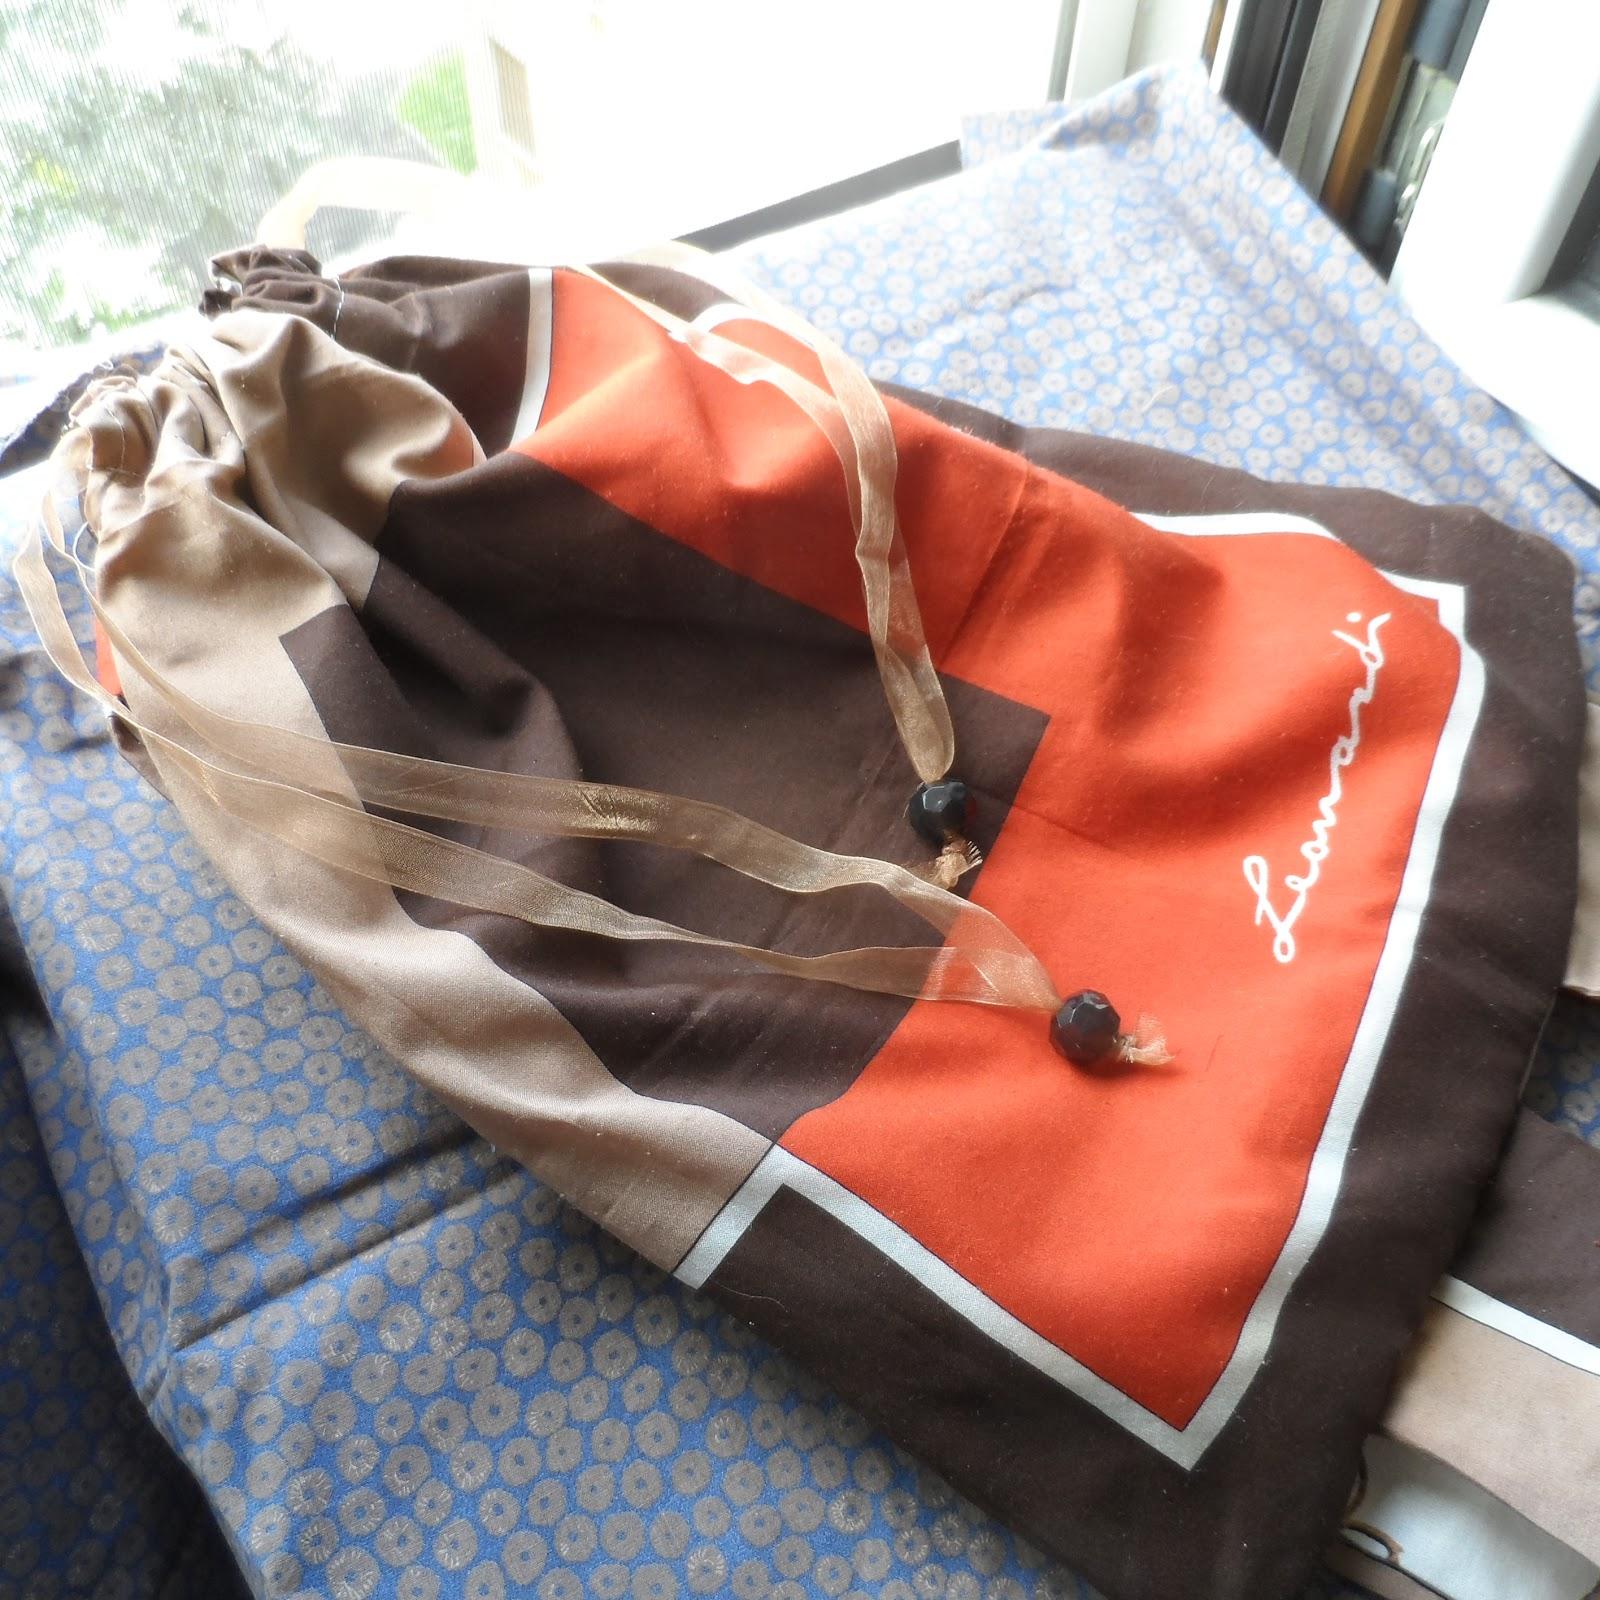 210983ef6422 Sto guardando con occhi diversi la scatola di foulard s.... - !!